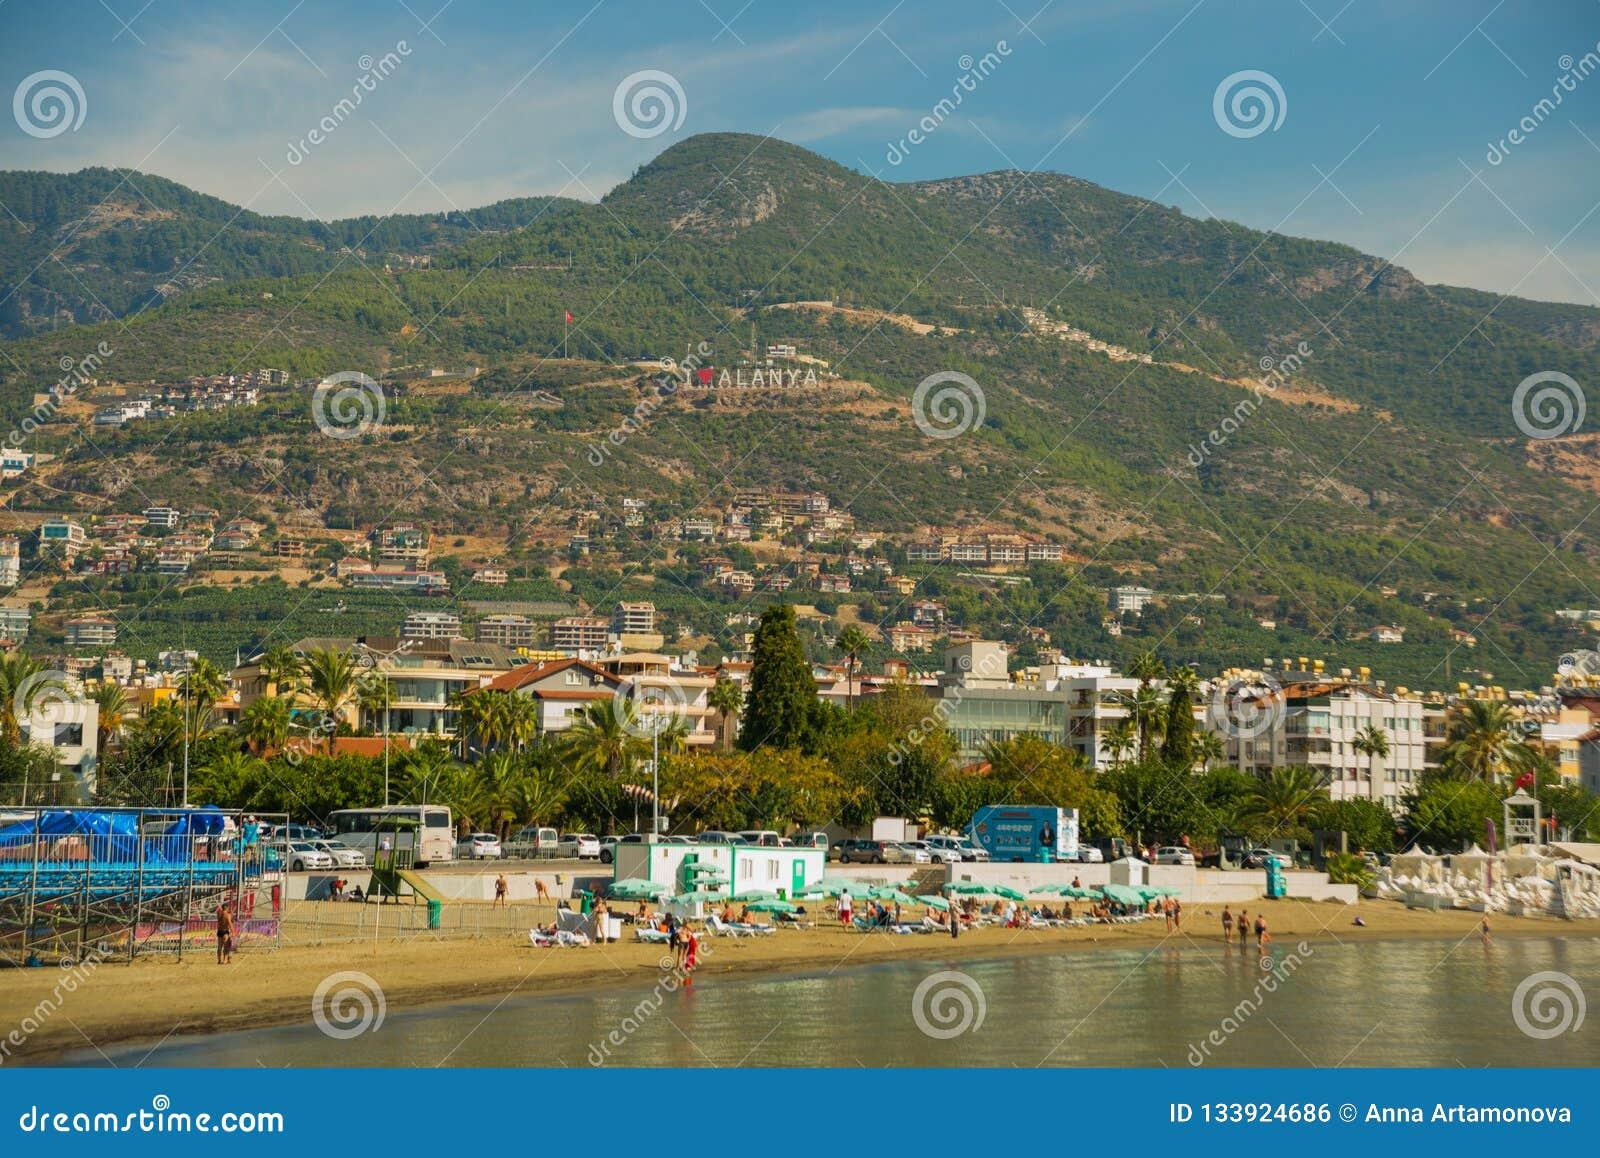 Liebe Alanya der Aufschrift I Landschaft mit Ansichten der Stadt, der Hügel und des Strandes Alanya, Antalya-Bezirk, die Türkei,